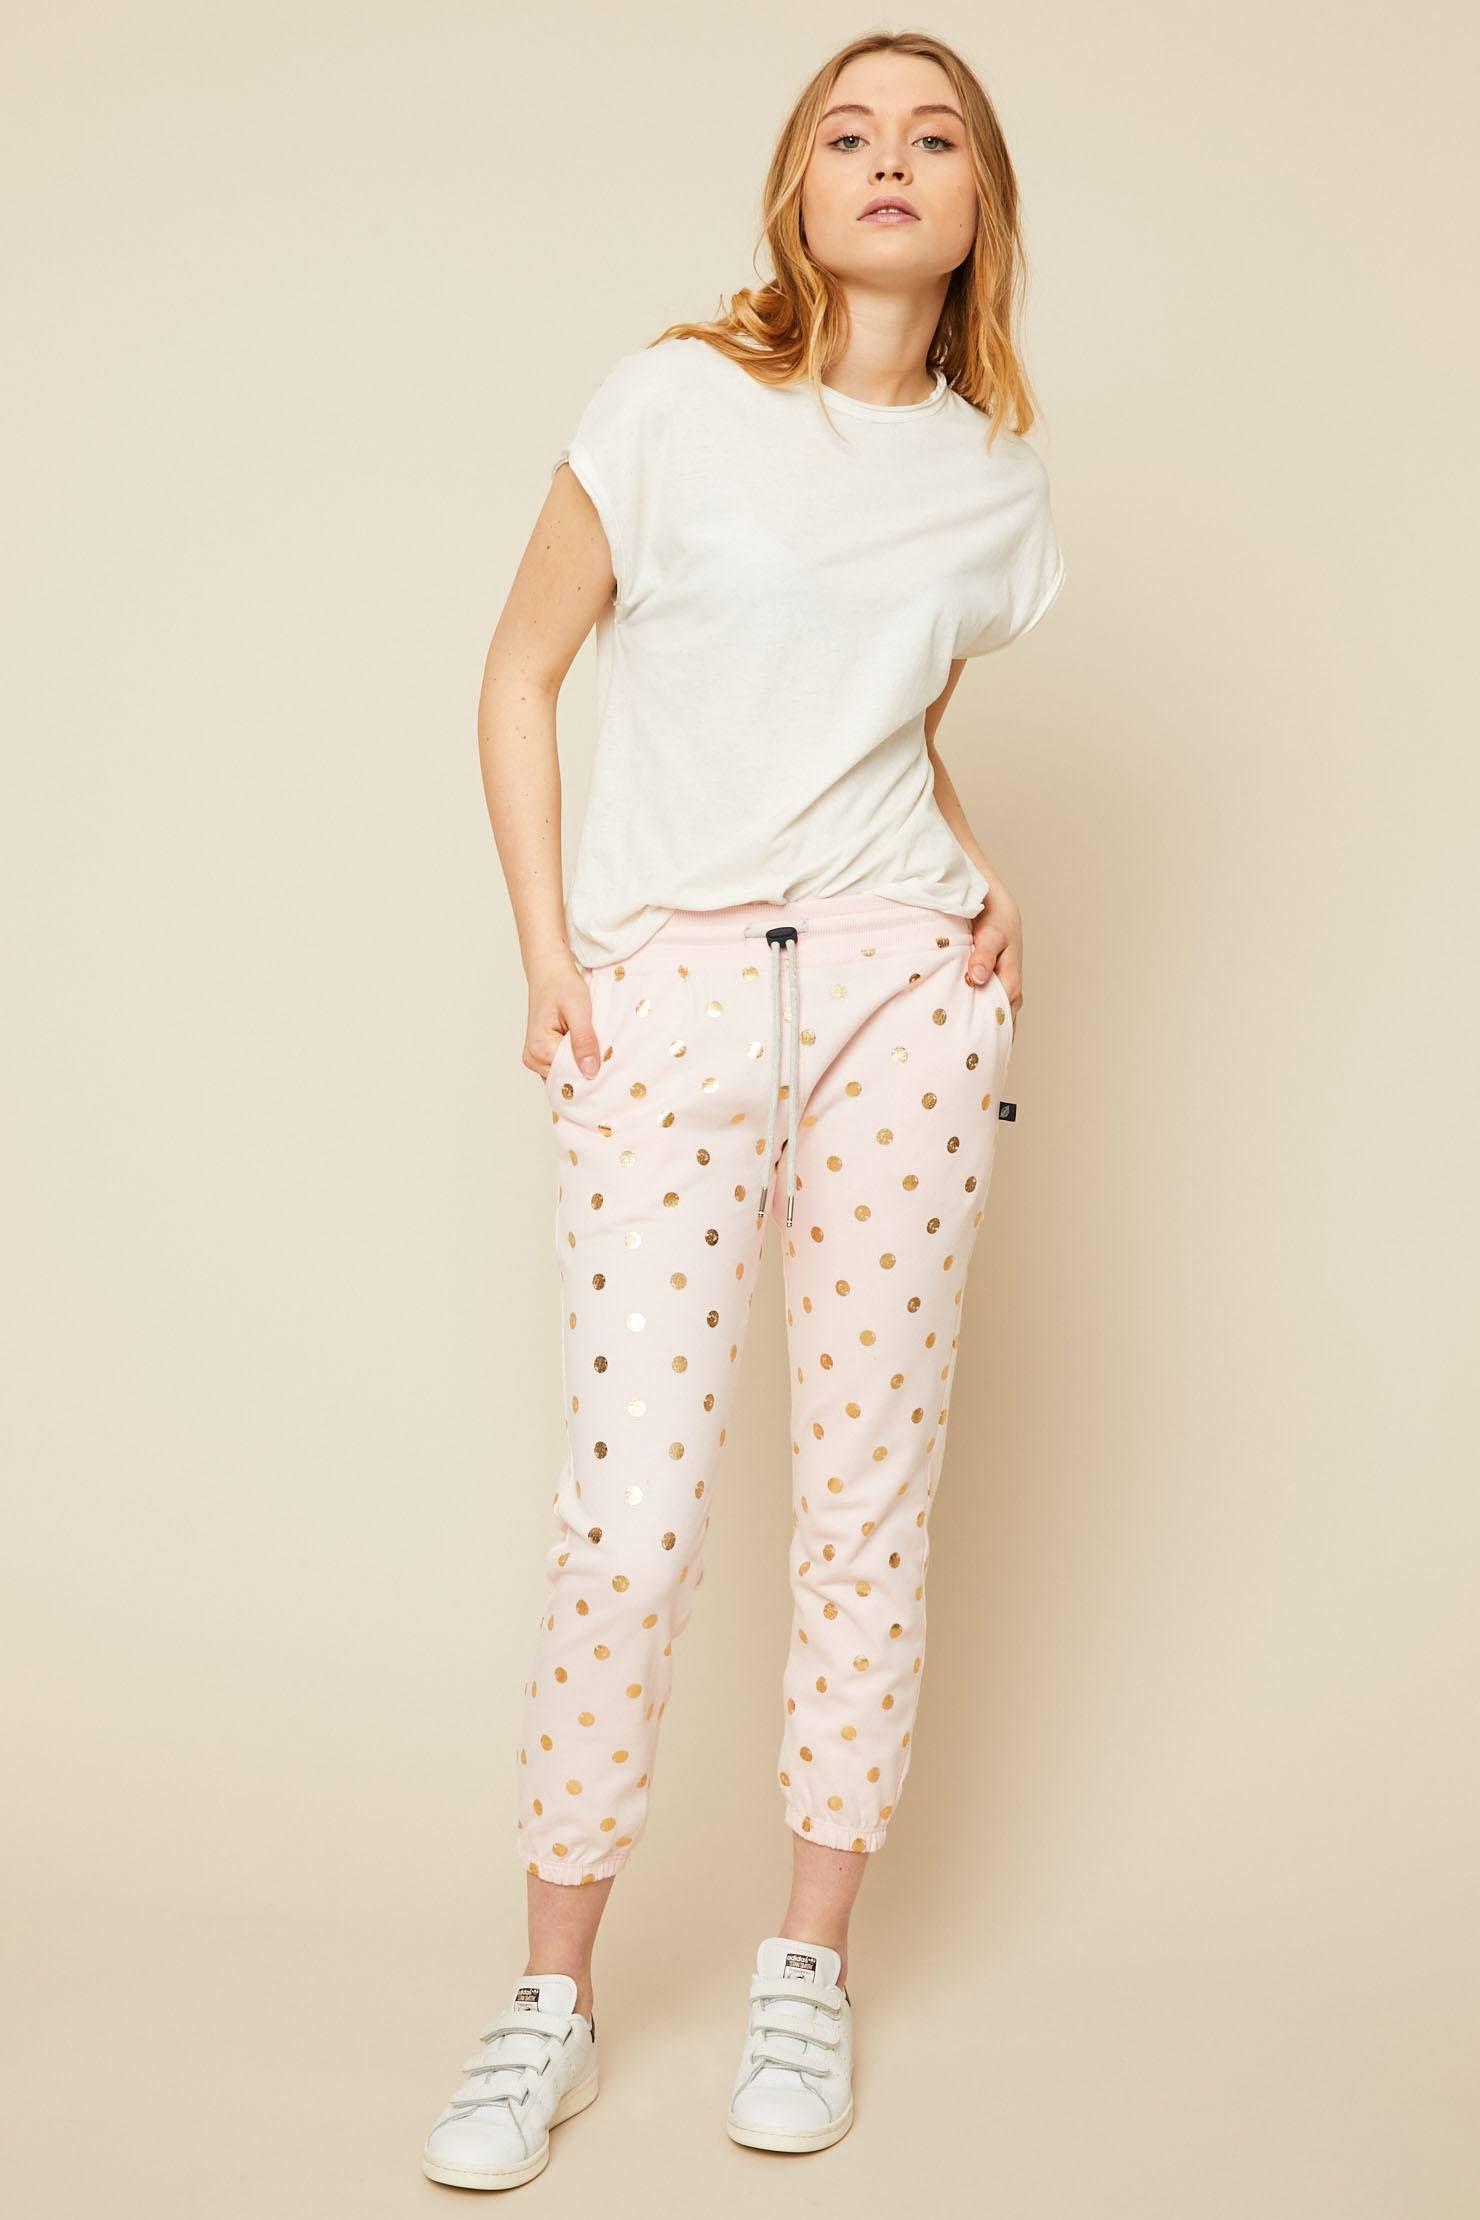 8d46f3553f374 Sweet Pants Jogging imprimé pois doré rose - Monshowroom